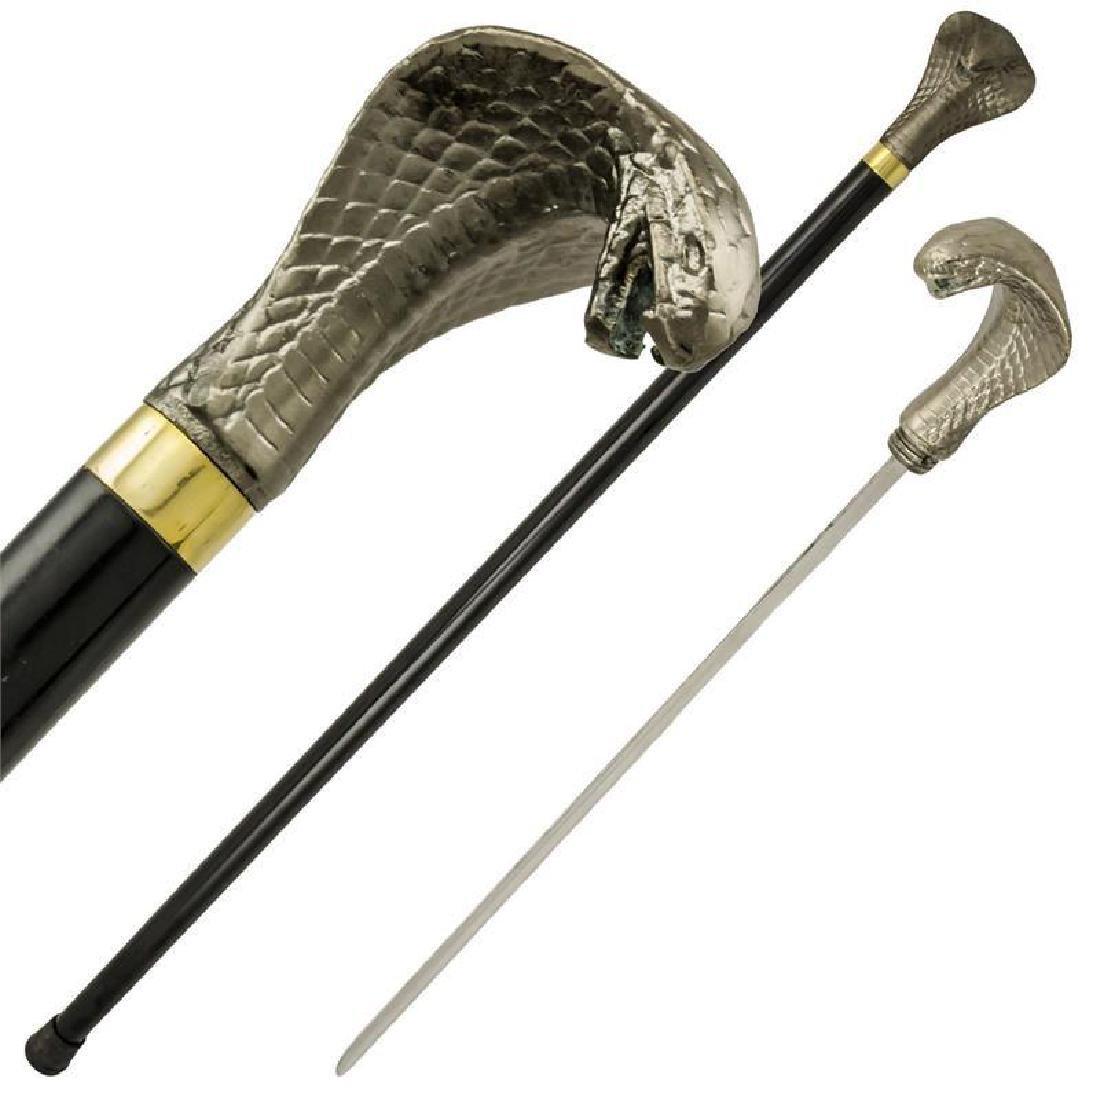 COBRA HEAD CANE SWORD